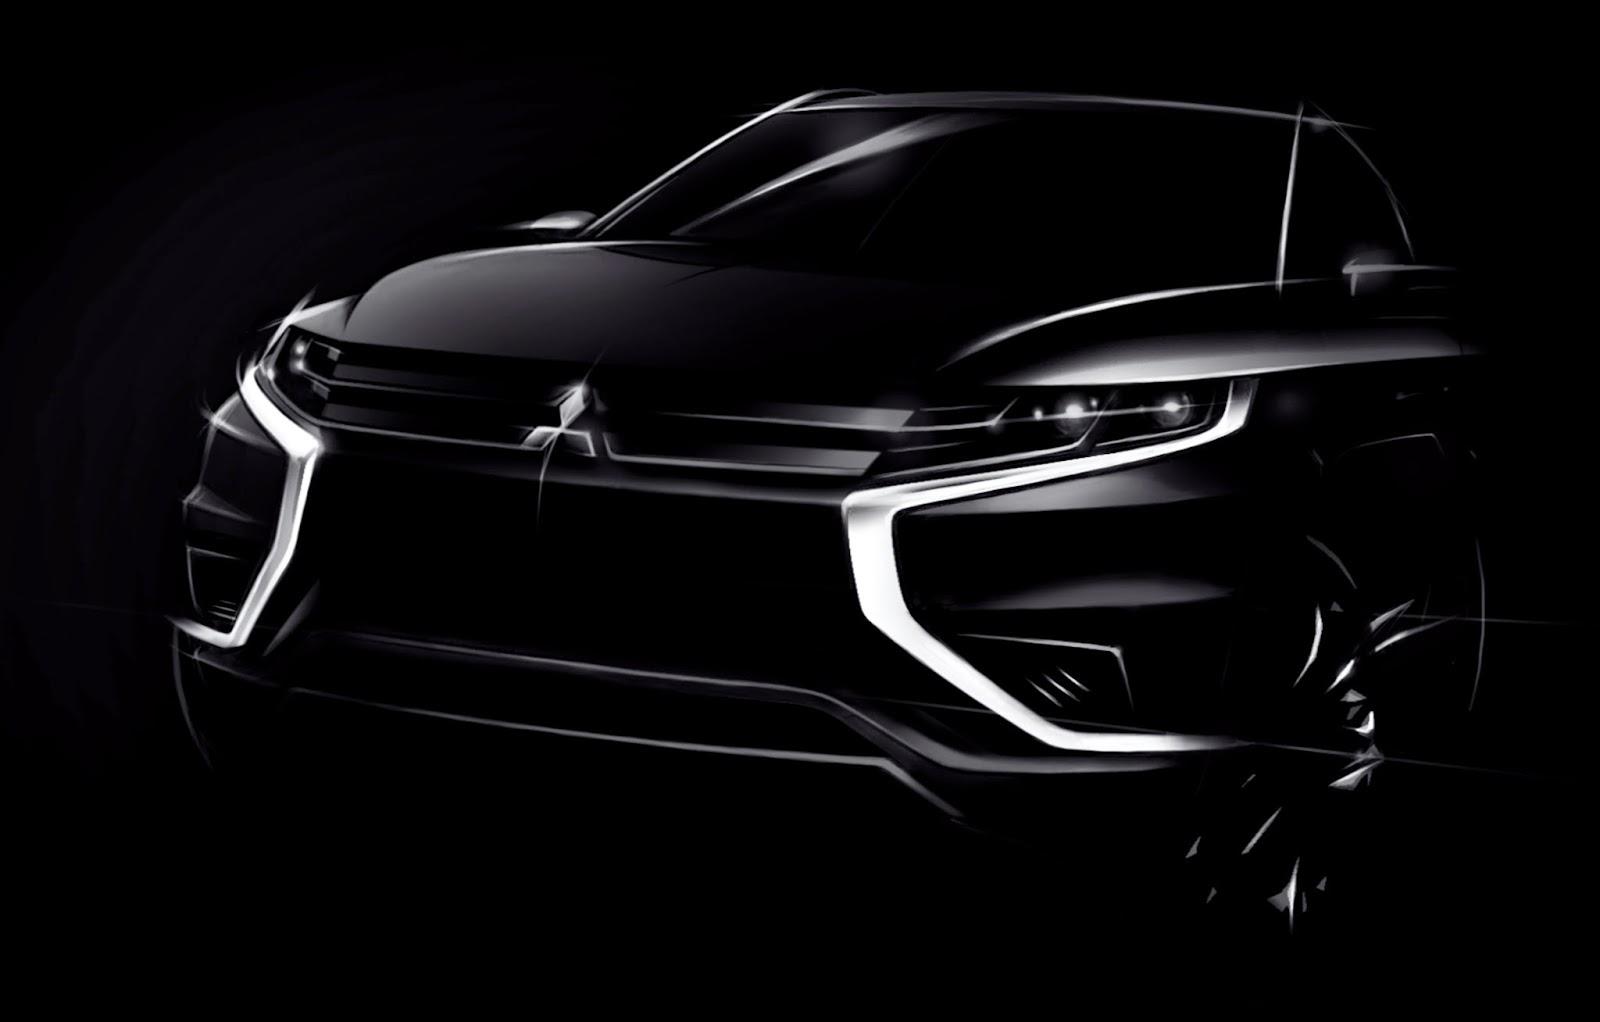 Η MITSUBISHI MOTORS ΣΤΗ ΦΕΤΙΝΗ ΕΚΘΕΣΗ ΑΥΤΟΚΙΝΗΤΟΥ ΤΟΥ ΠΑΡΙΣΙΟΥ: Outlander PHEV Concept-S Sporty & Sophisticated